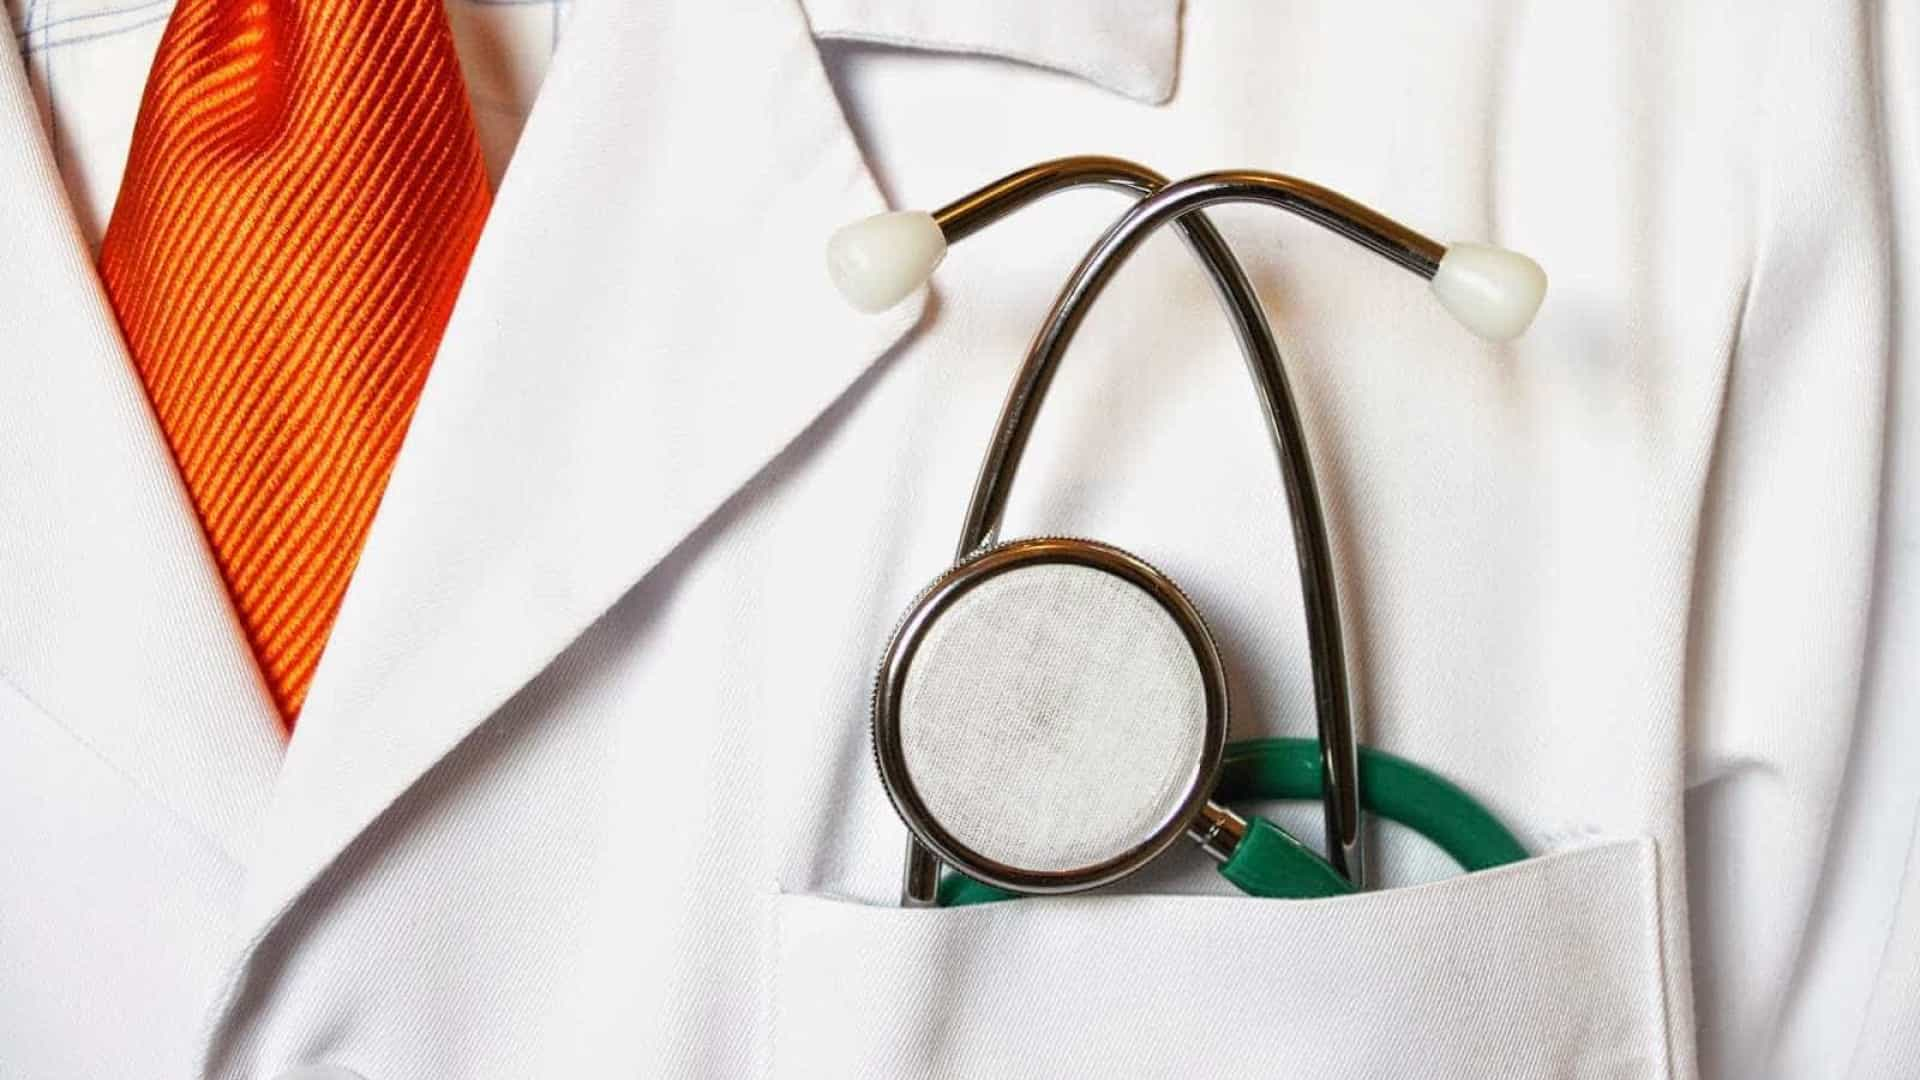 Médico é preso após suspeita de assédio sexual a pacientes em MG